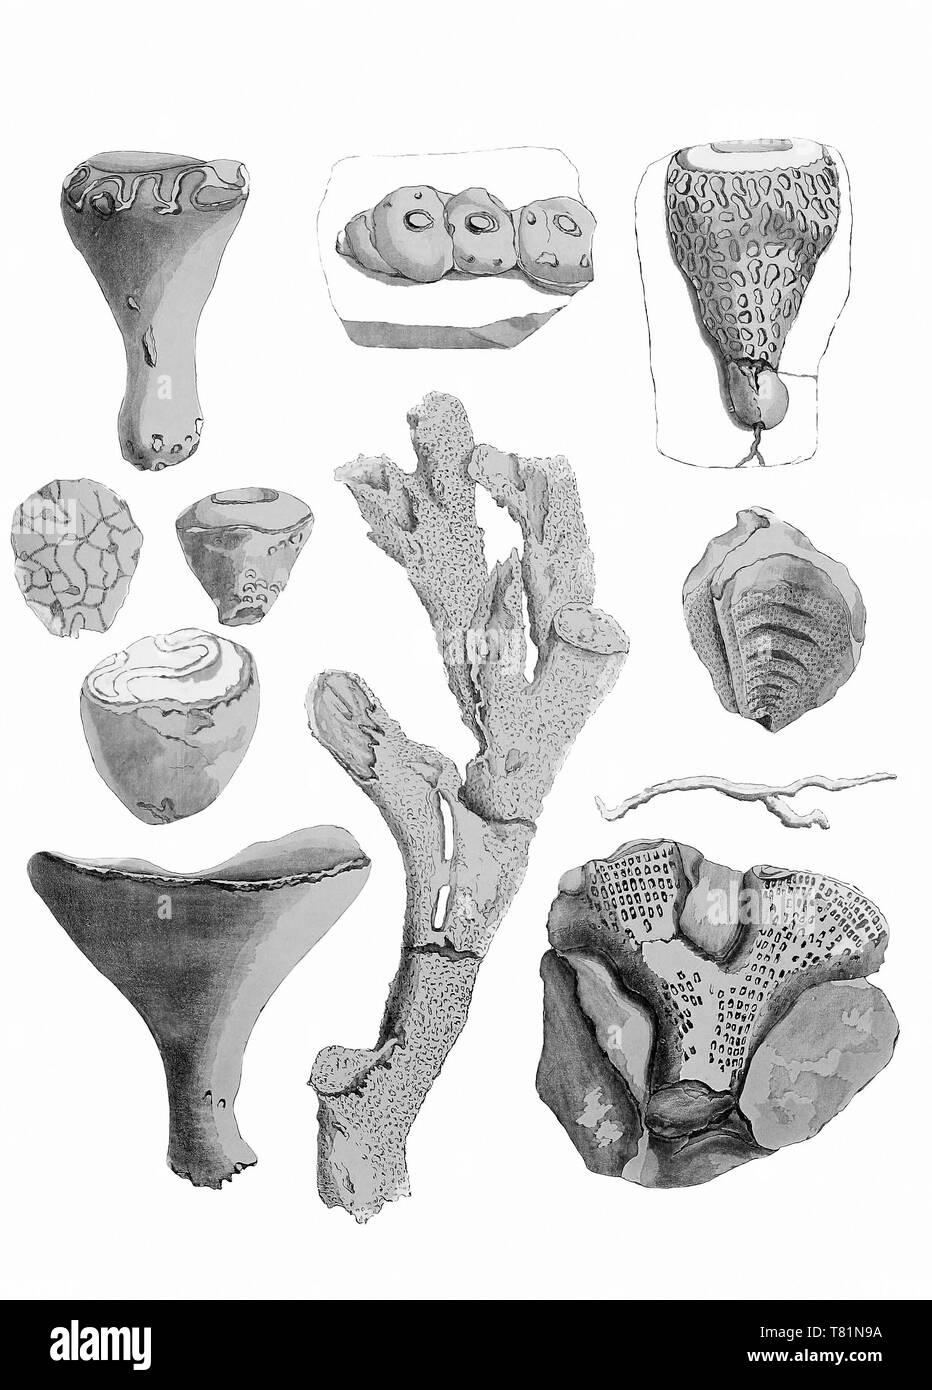 Cretaceous Sponges - Stock Image